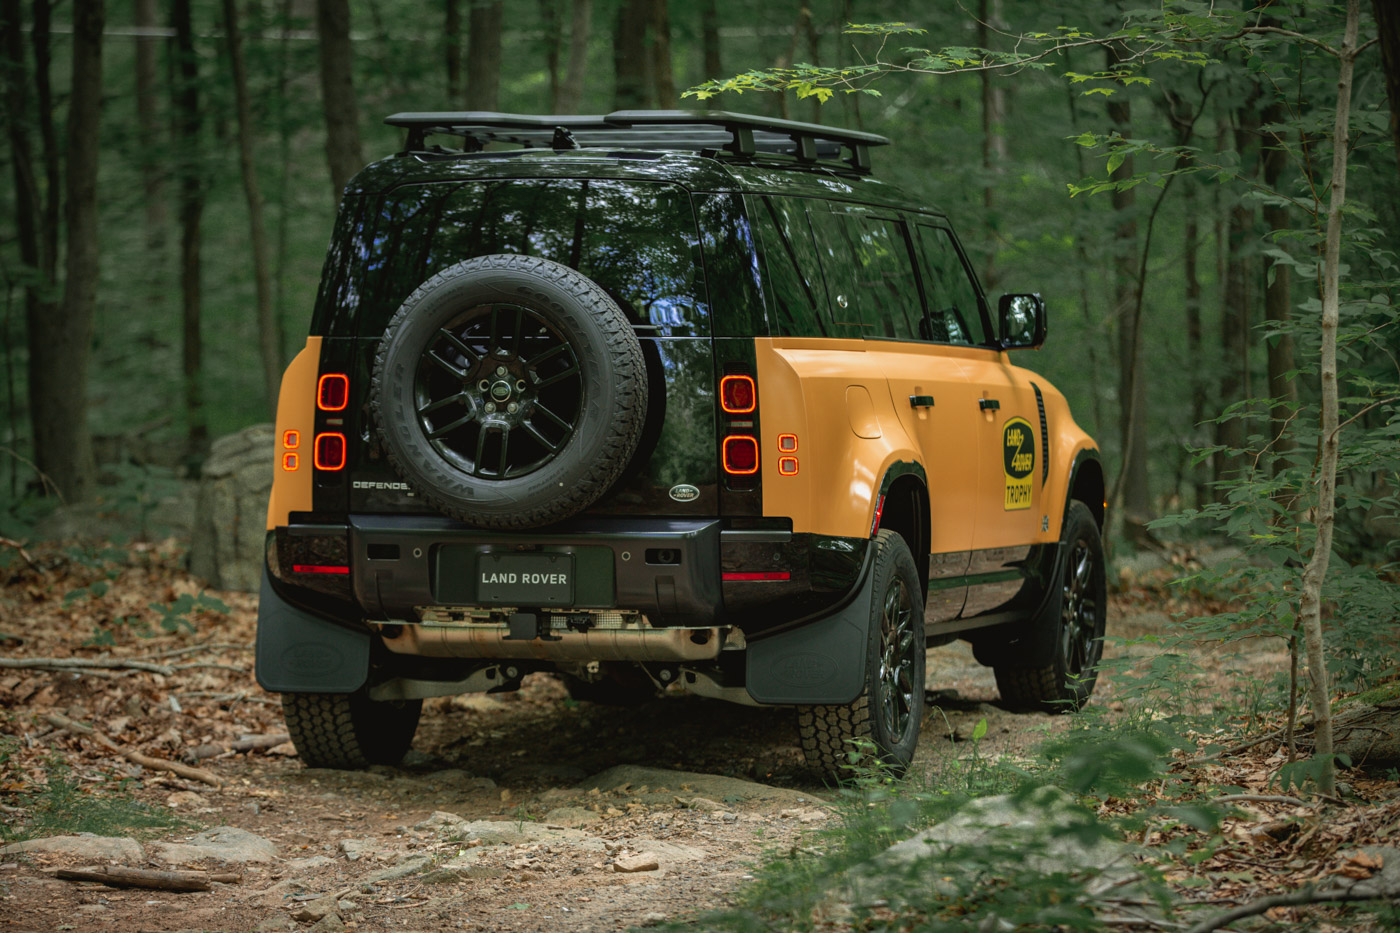 Land-Rover-Defender-L663-Trophy-Edition-3.jpg